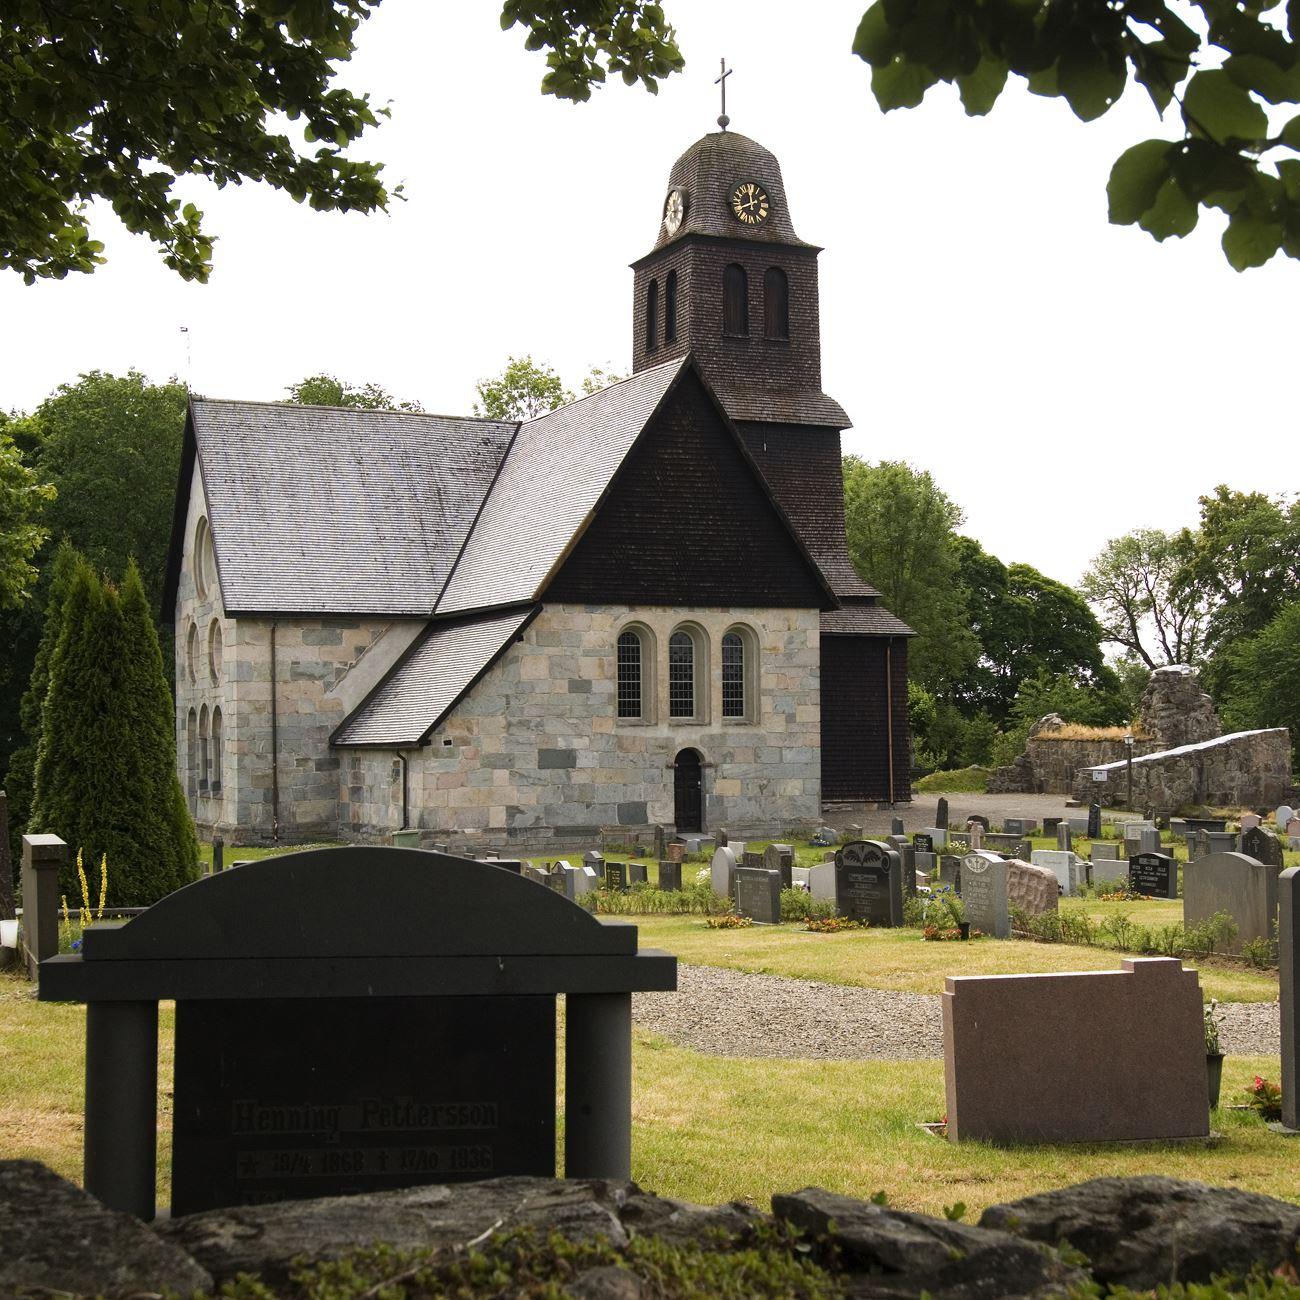 Smålandsbilder.se,  © Värnamo Näringsliv AB , Vandra längs de gamla Pilgrimslederna till Nydala Kloster